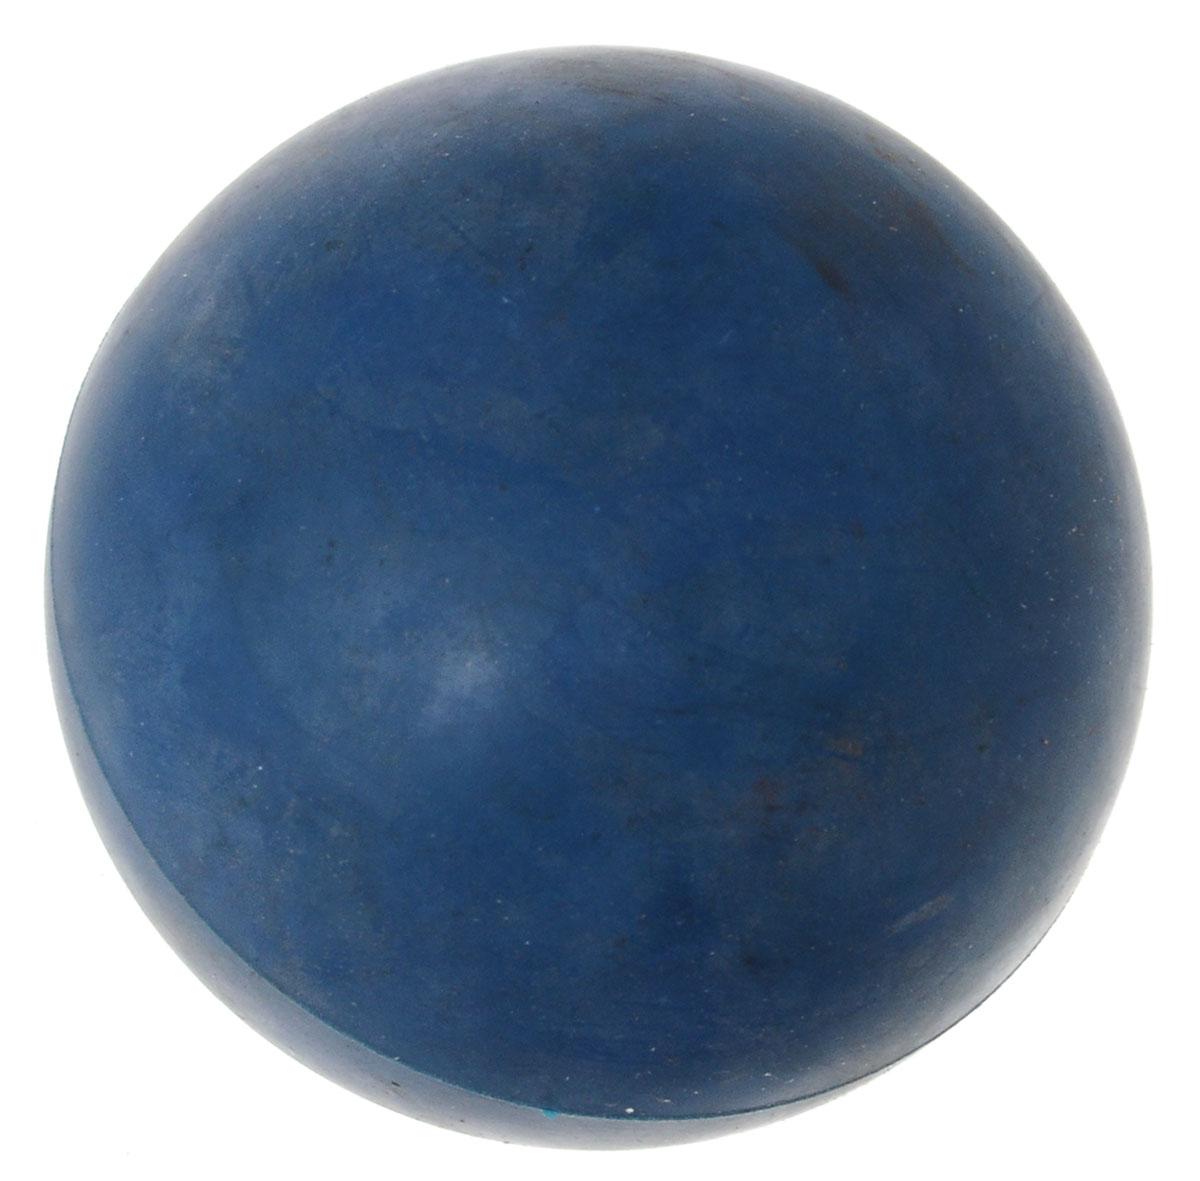 Игрушка для собак ЗооМарк Мячик, цвет: синий, диаметр 6,5 смД-65_синийИгрушка для собак ЗооМарк, изготовленная из высококачественной резины, выполнена в виде мячика. Изделие устойчиво к разгрызанию. Такая игрушка порадует вашего любимца, а вам доставит массу приятных эмоций, ведь наблюдать за игрой всегда интересно и приятно. А в отсутствие людей собака будет ощущать себя комфортно и не портить ваши вещи, стены и мебель. Игрушка не наносит повреждений деснам и зубам собаки, нежно очищая их. Диаметр: 6,5 см.